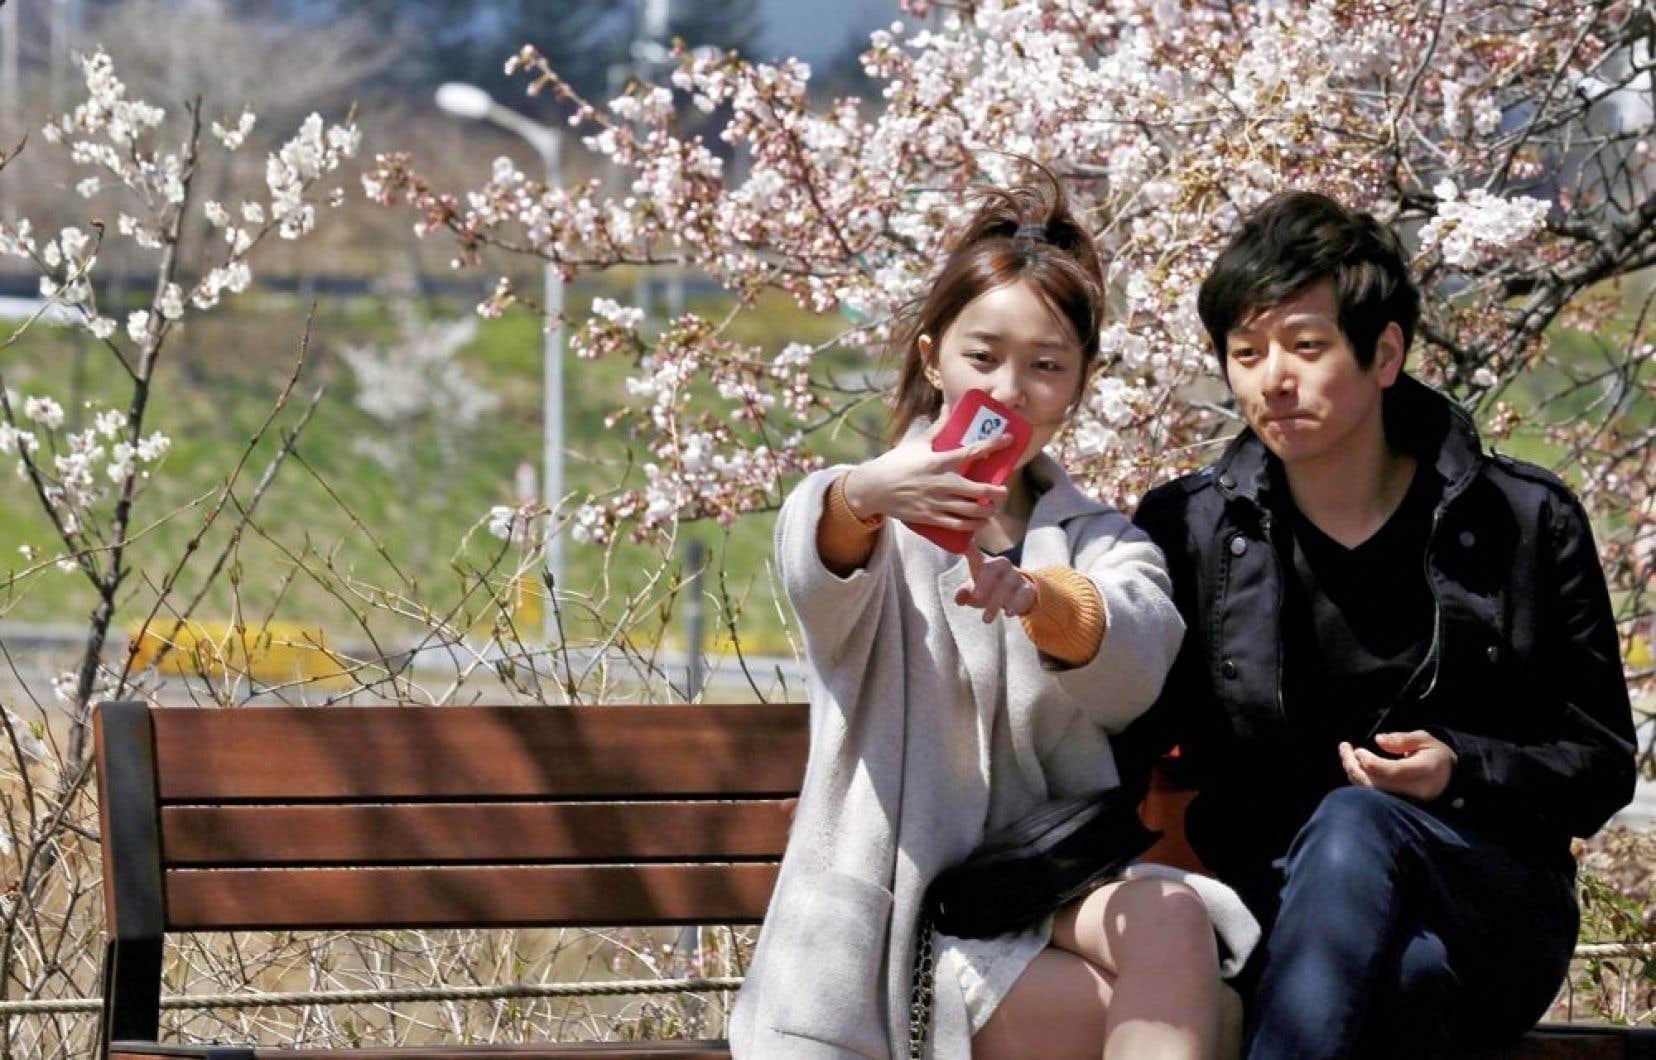 Un couple se prend en photo devant un cerisier en fleurs, à Séoul. Dans la zone démilitarisée comme dans la capitale, la vie continue pratiquement comme si de rien n'était…